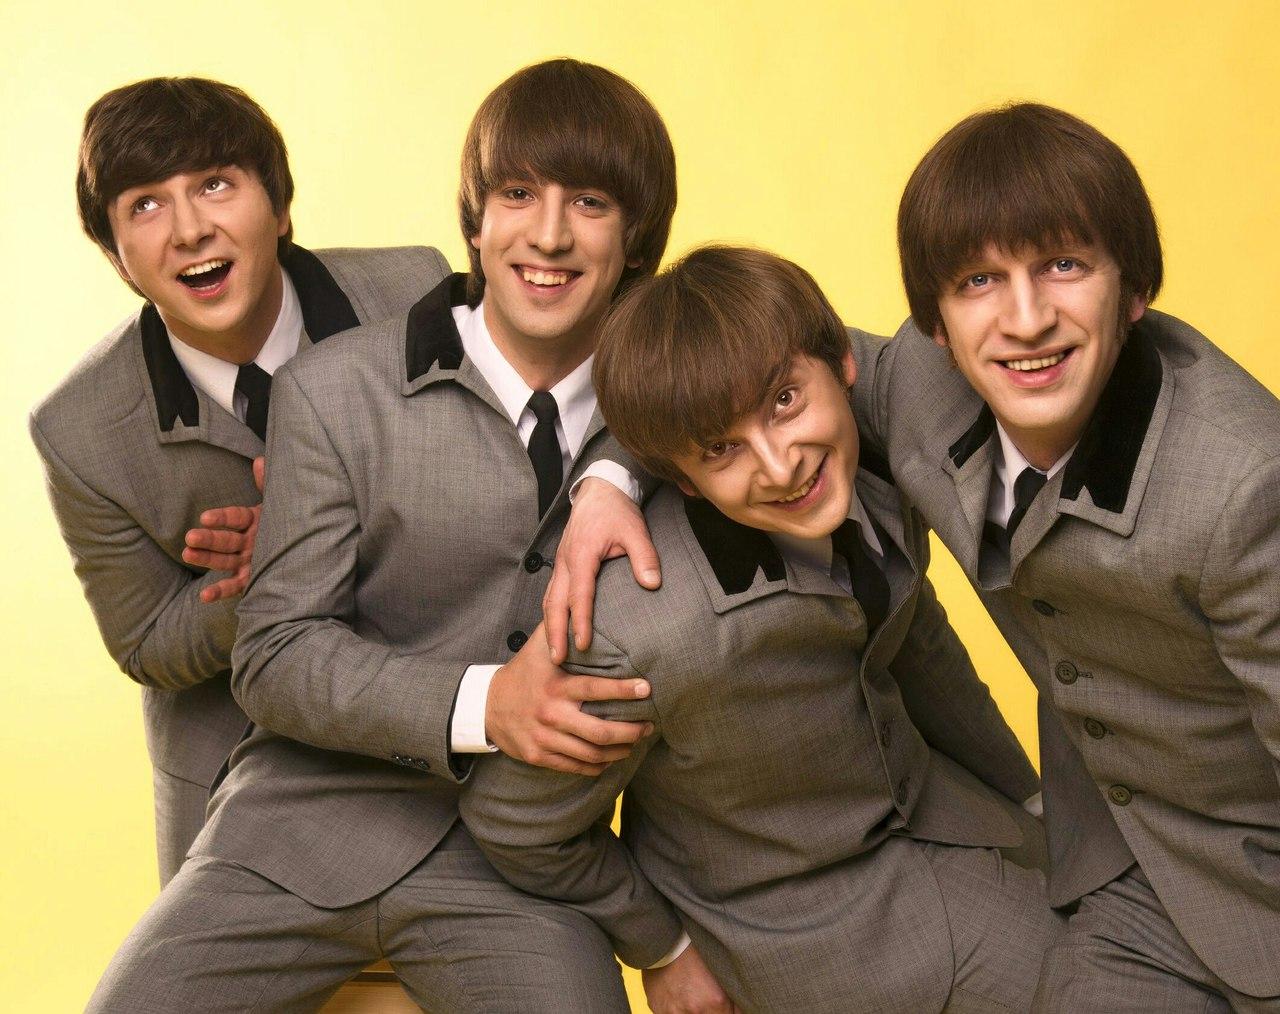 Photo of Нетипичная группа для типичной Москвы the beatlove Нетипичная группа для типичной Москвы 3kwy1Bs4bbo